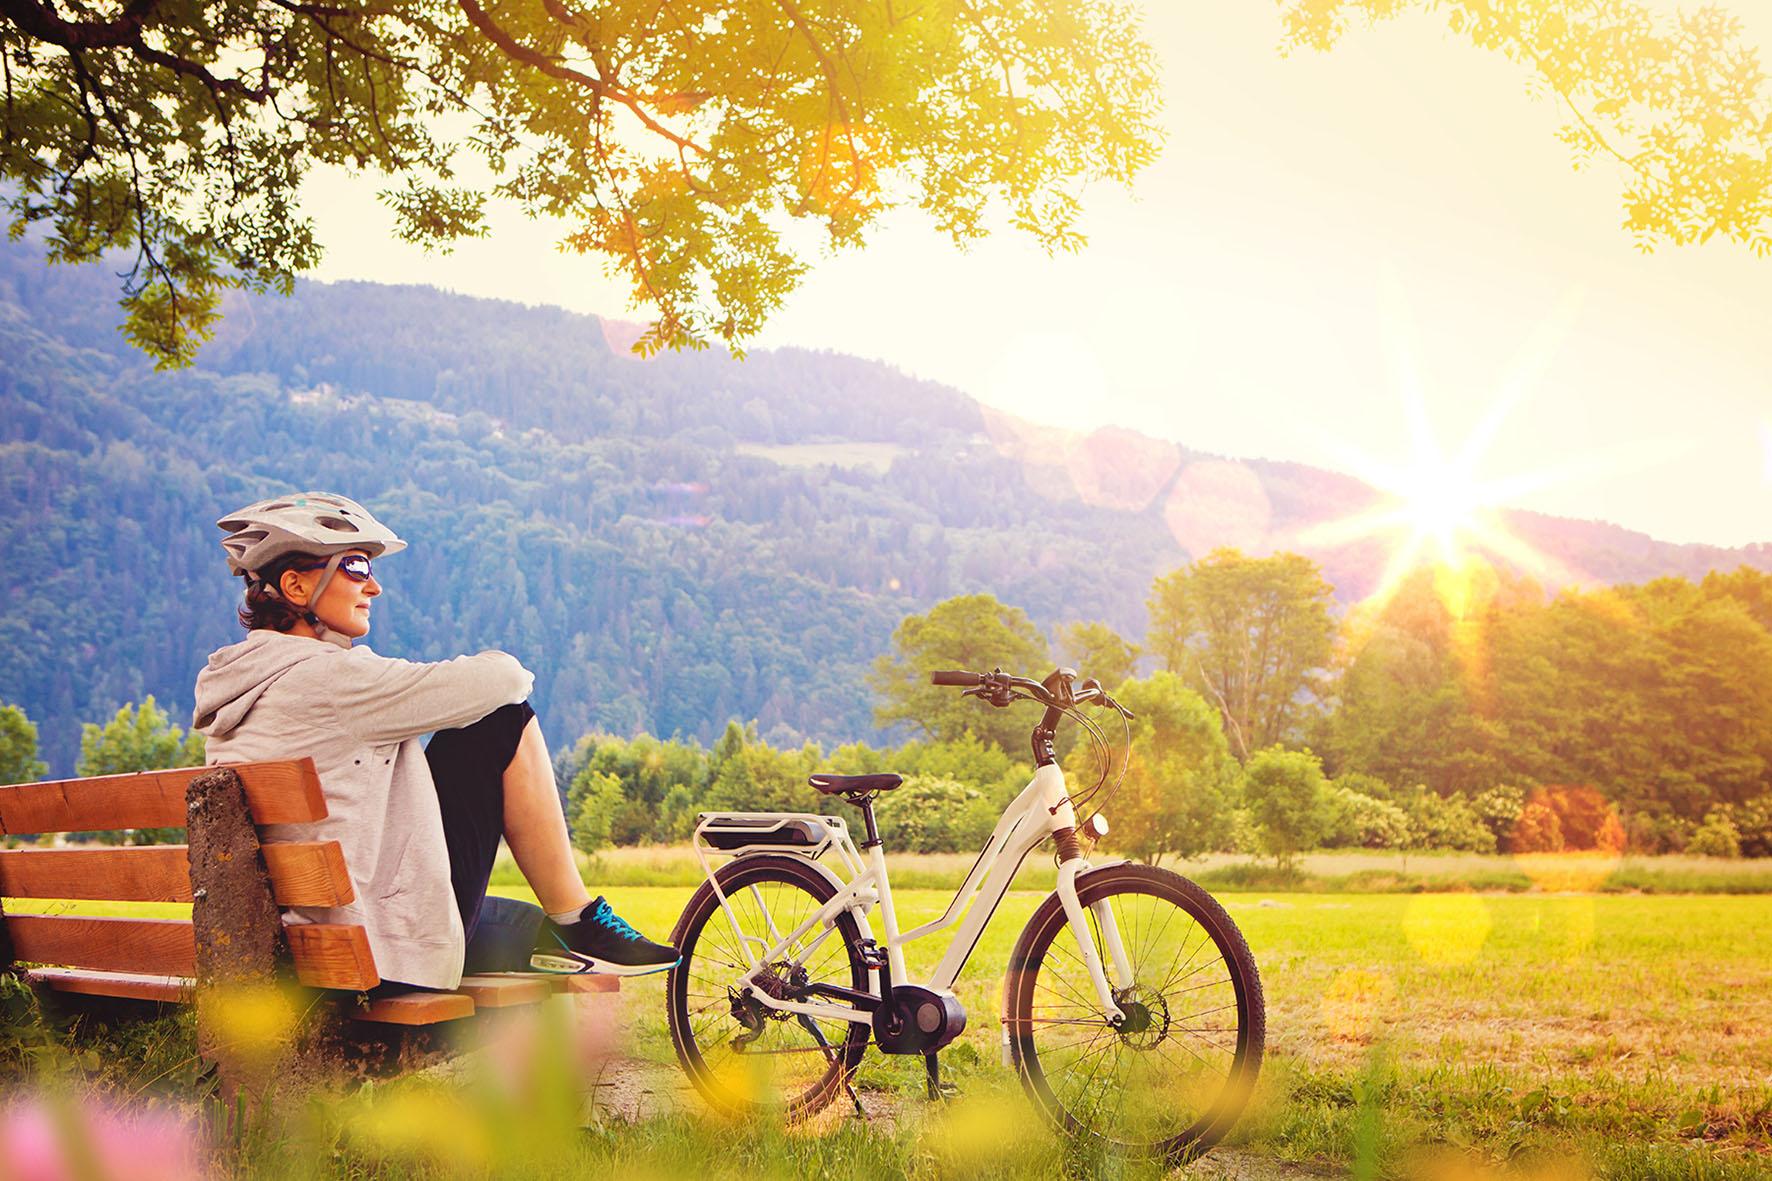 Kürzer verreisen, häufiger entspannen